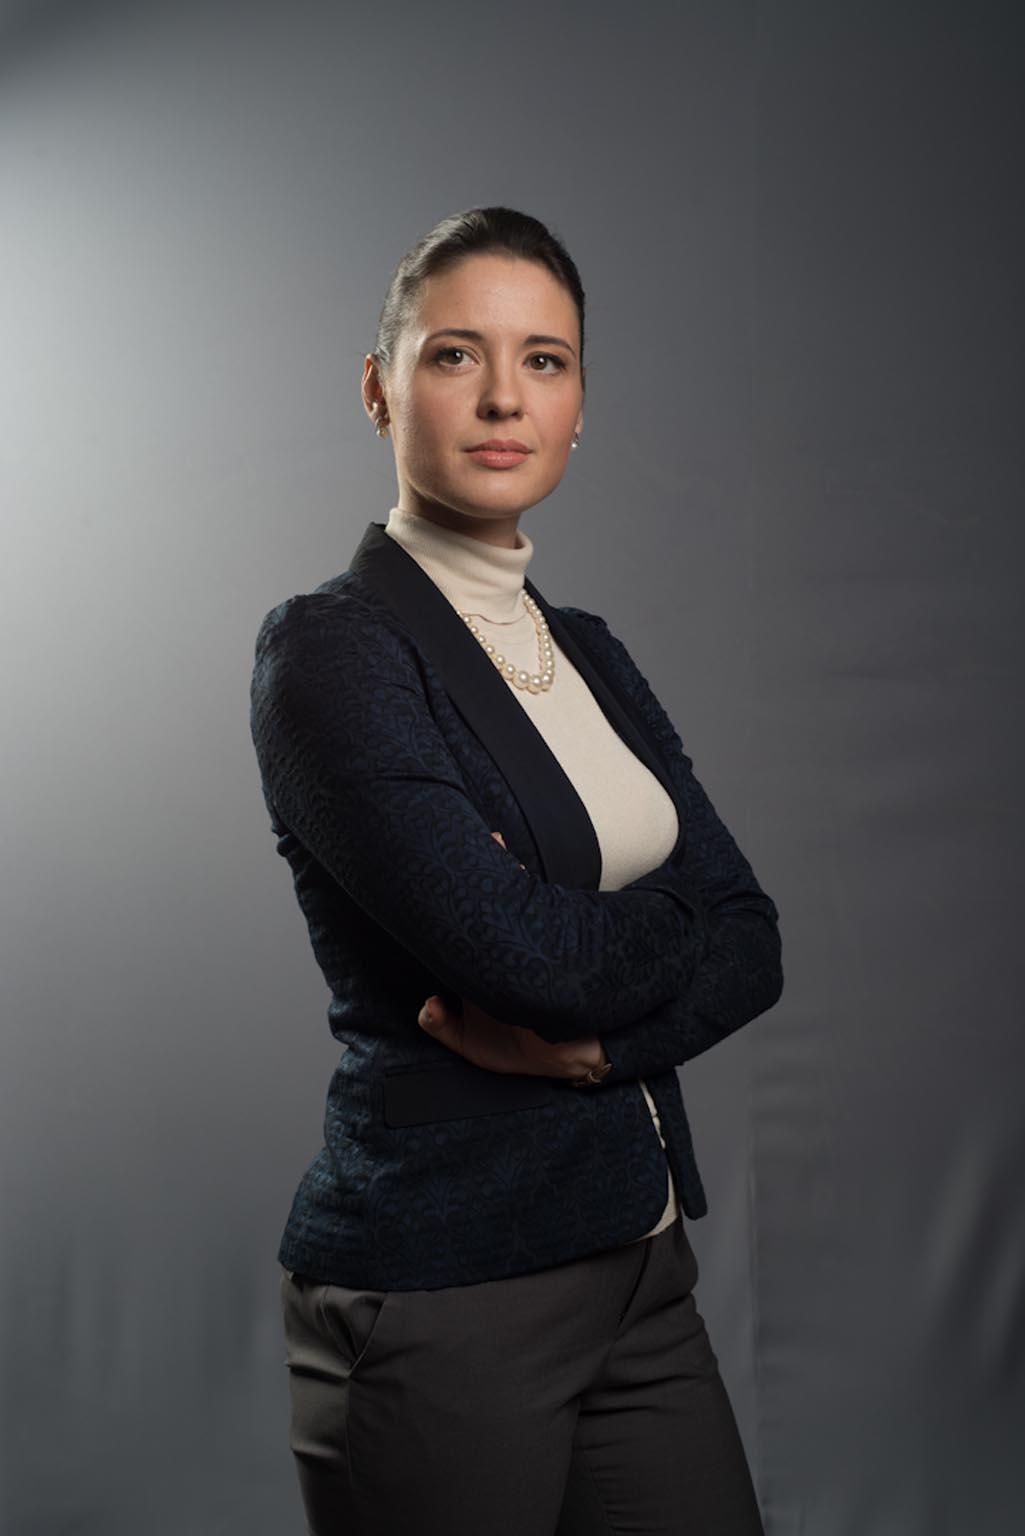 Oksana Borbat